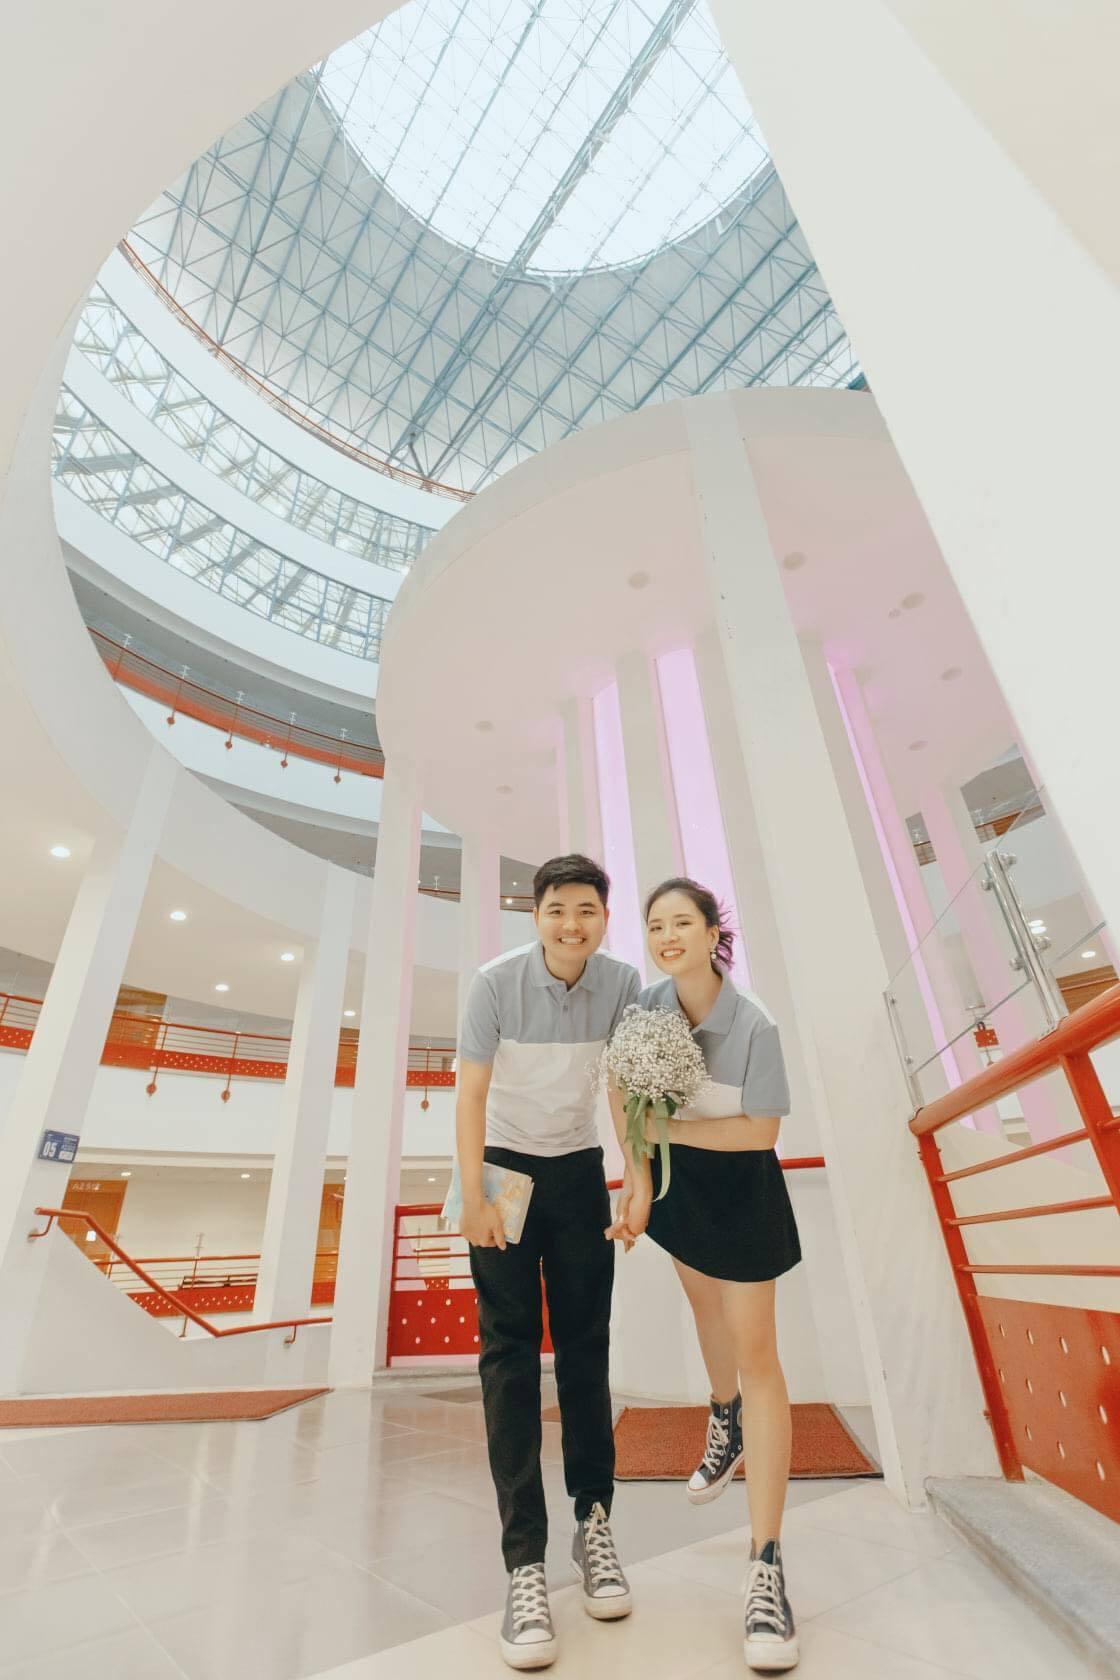 Chuyện tình ngọt như phim của cặp đôi chụp ảnh cưới tại ĐH Kinh tế Quốc dân